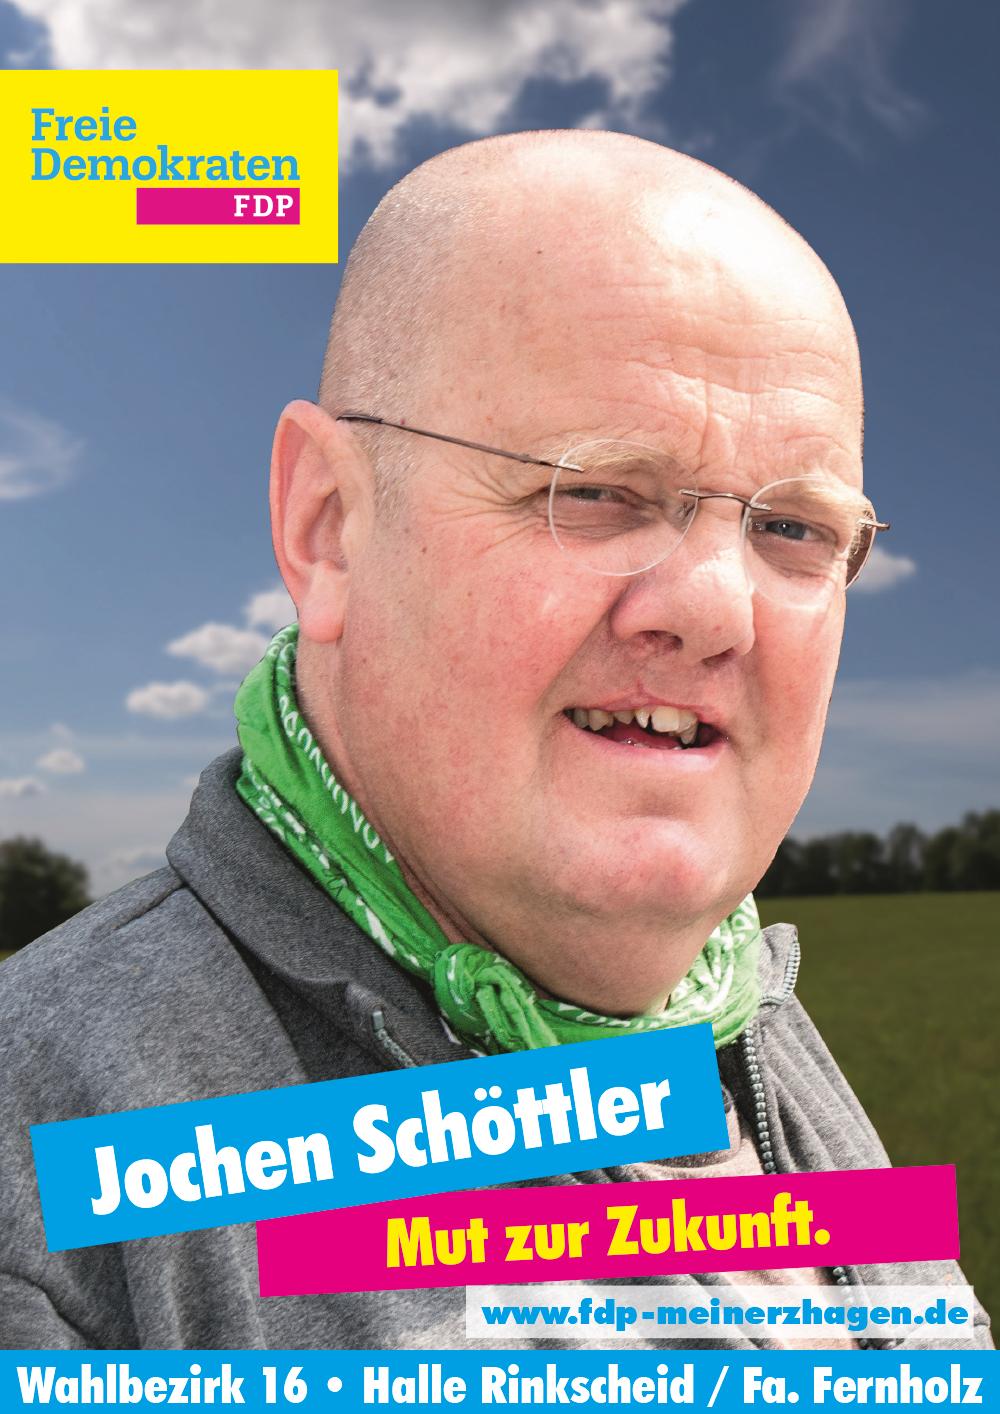 WBZ 160 - Jochen Schöttler